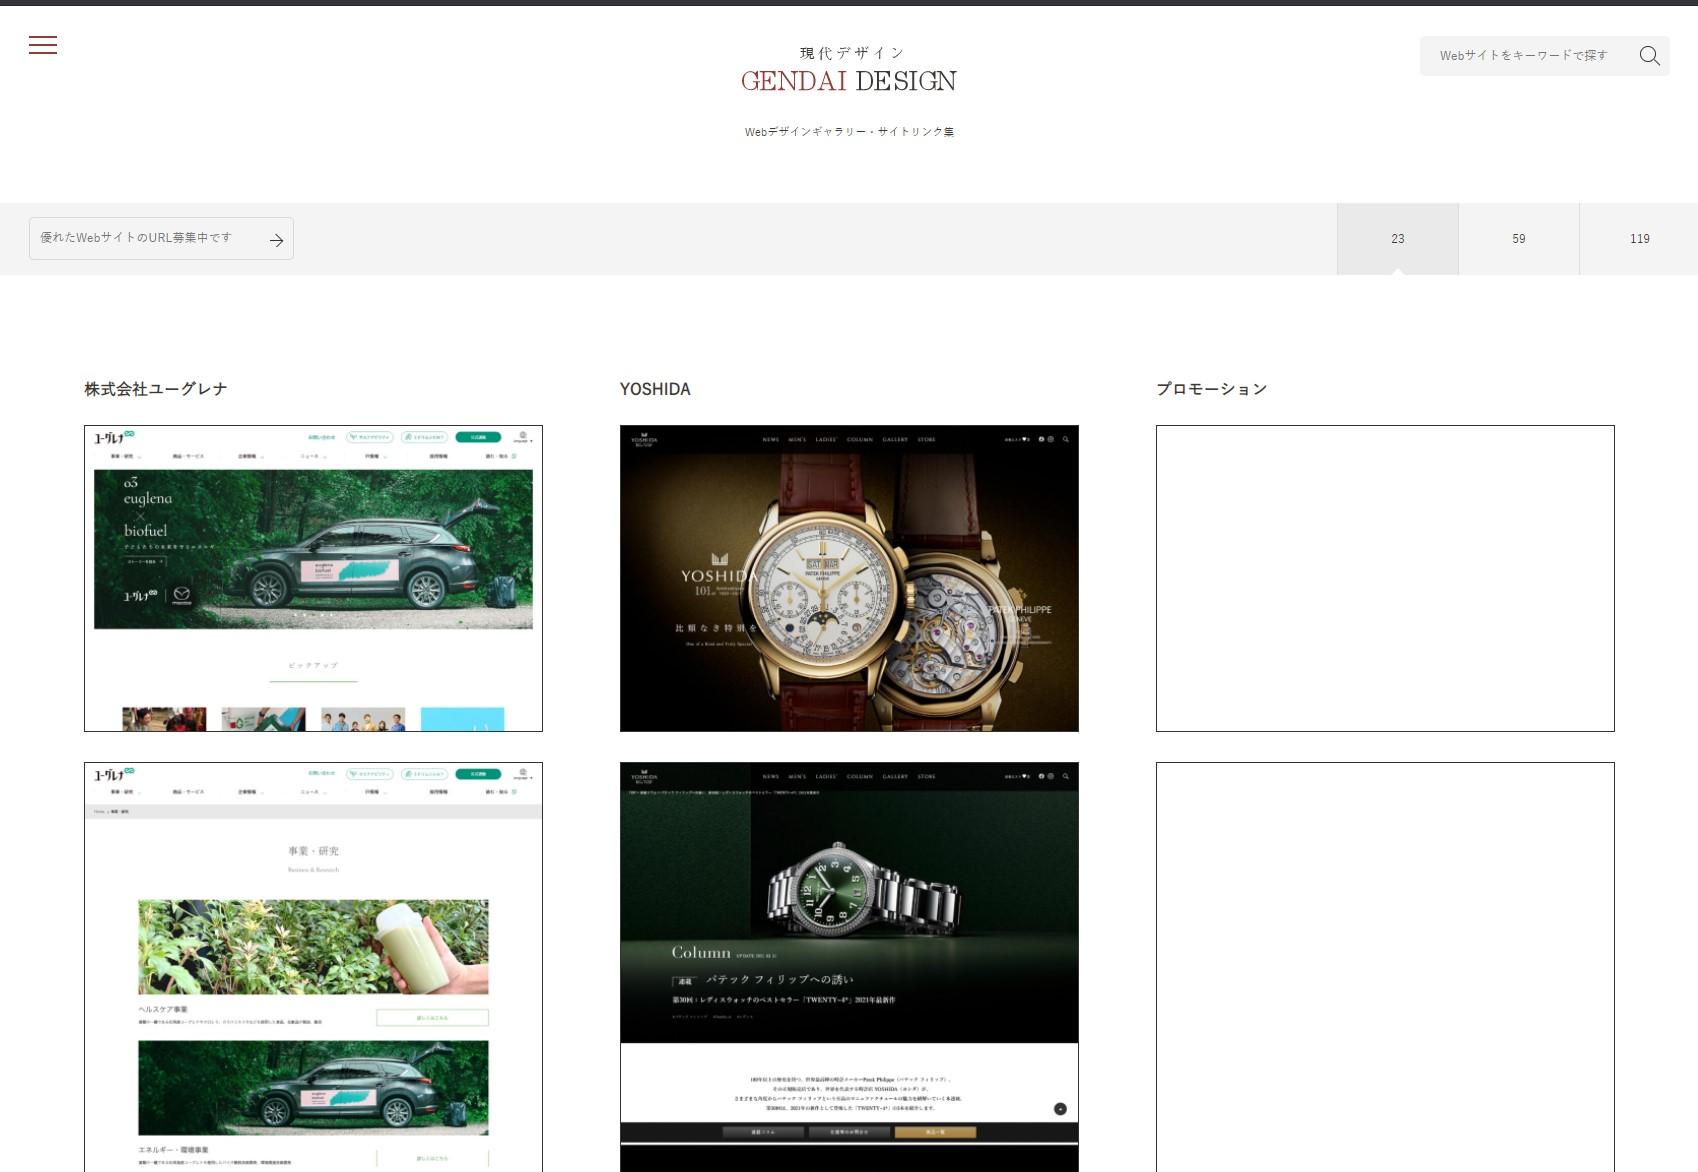 現代デザイン | Webデザインギャラリー・サイトリンク集